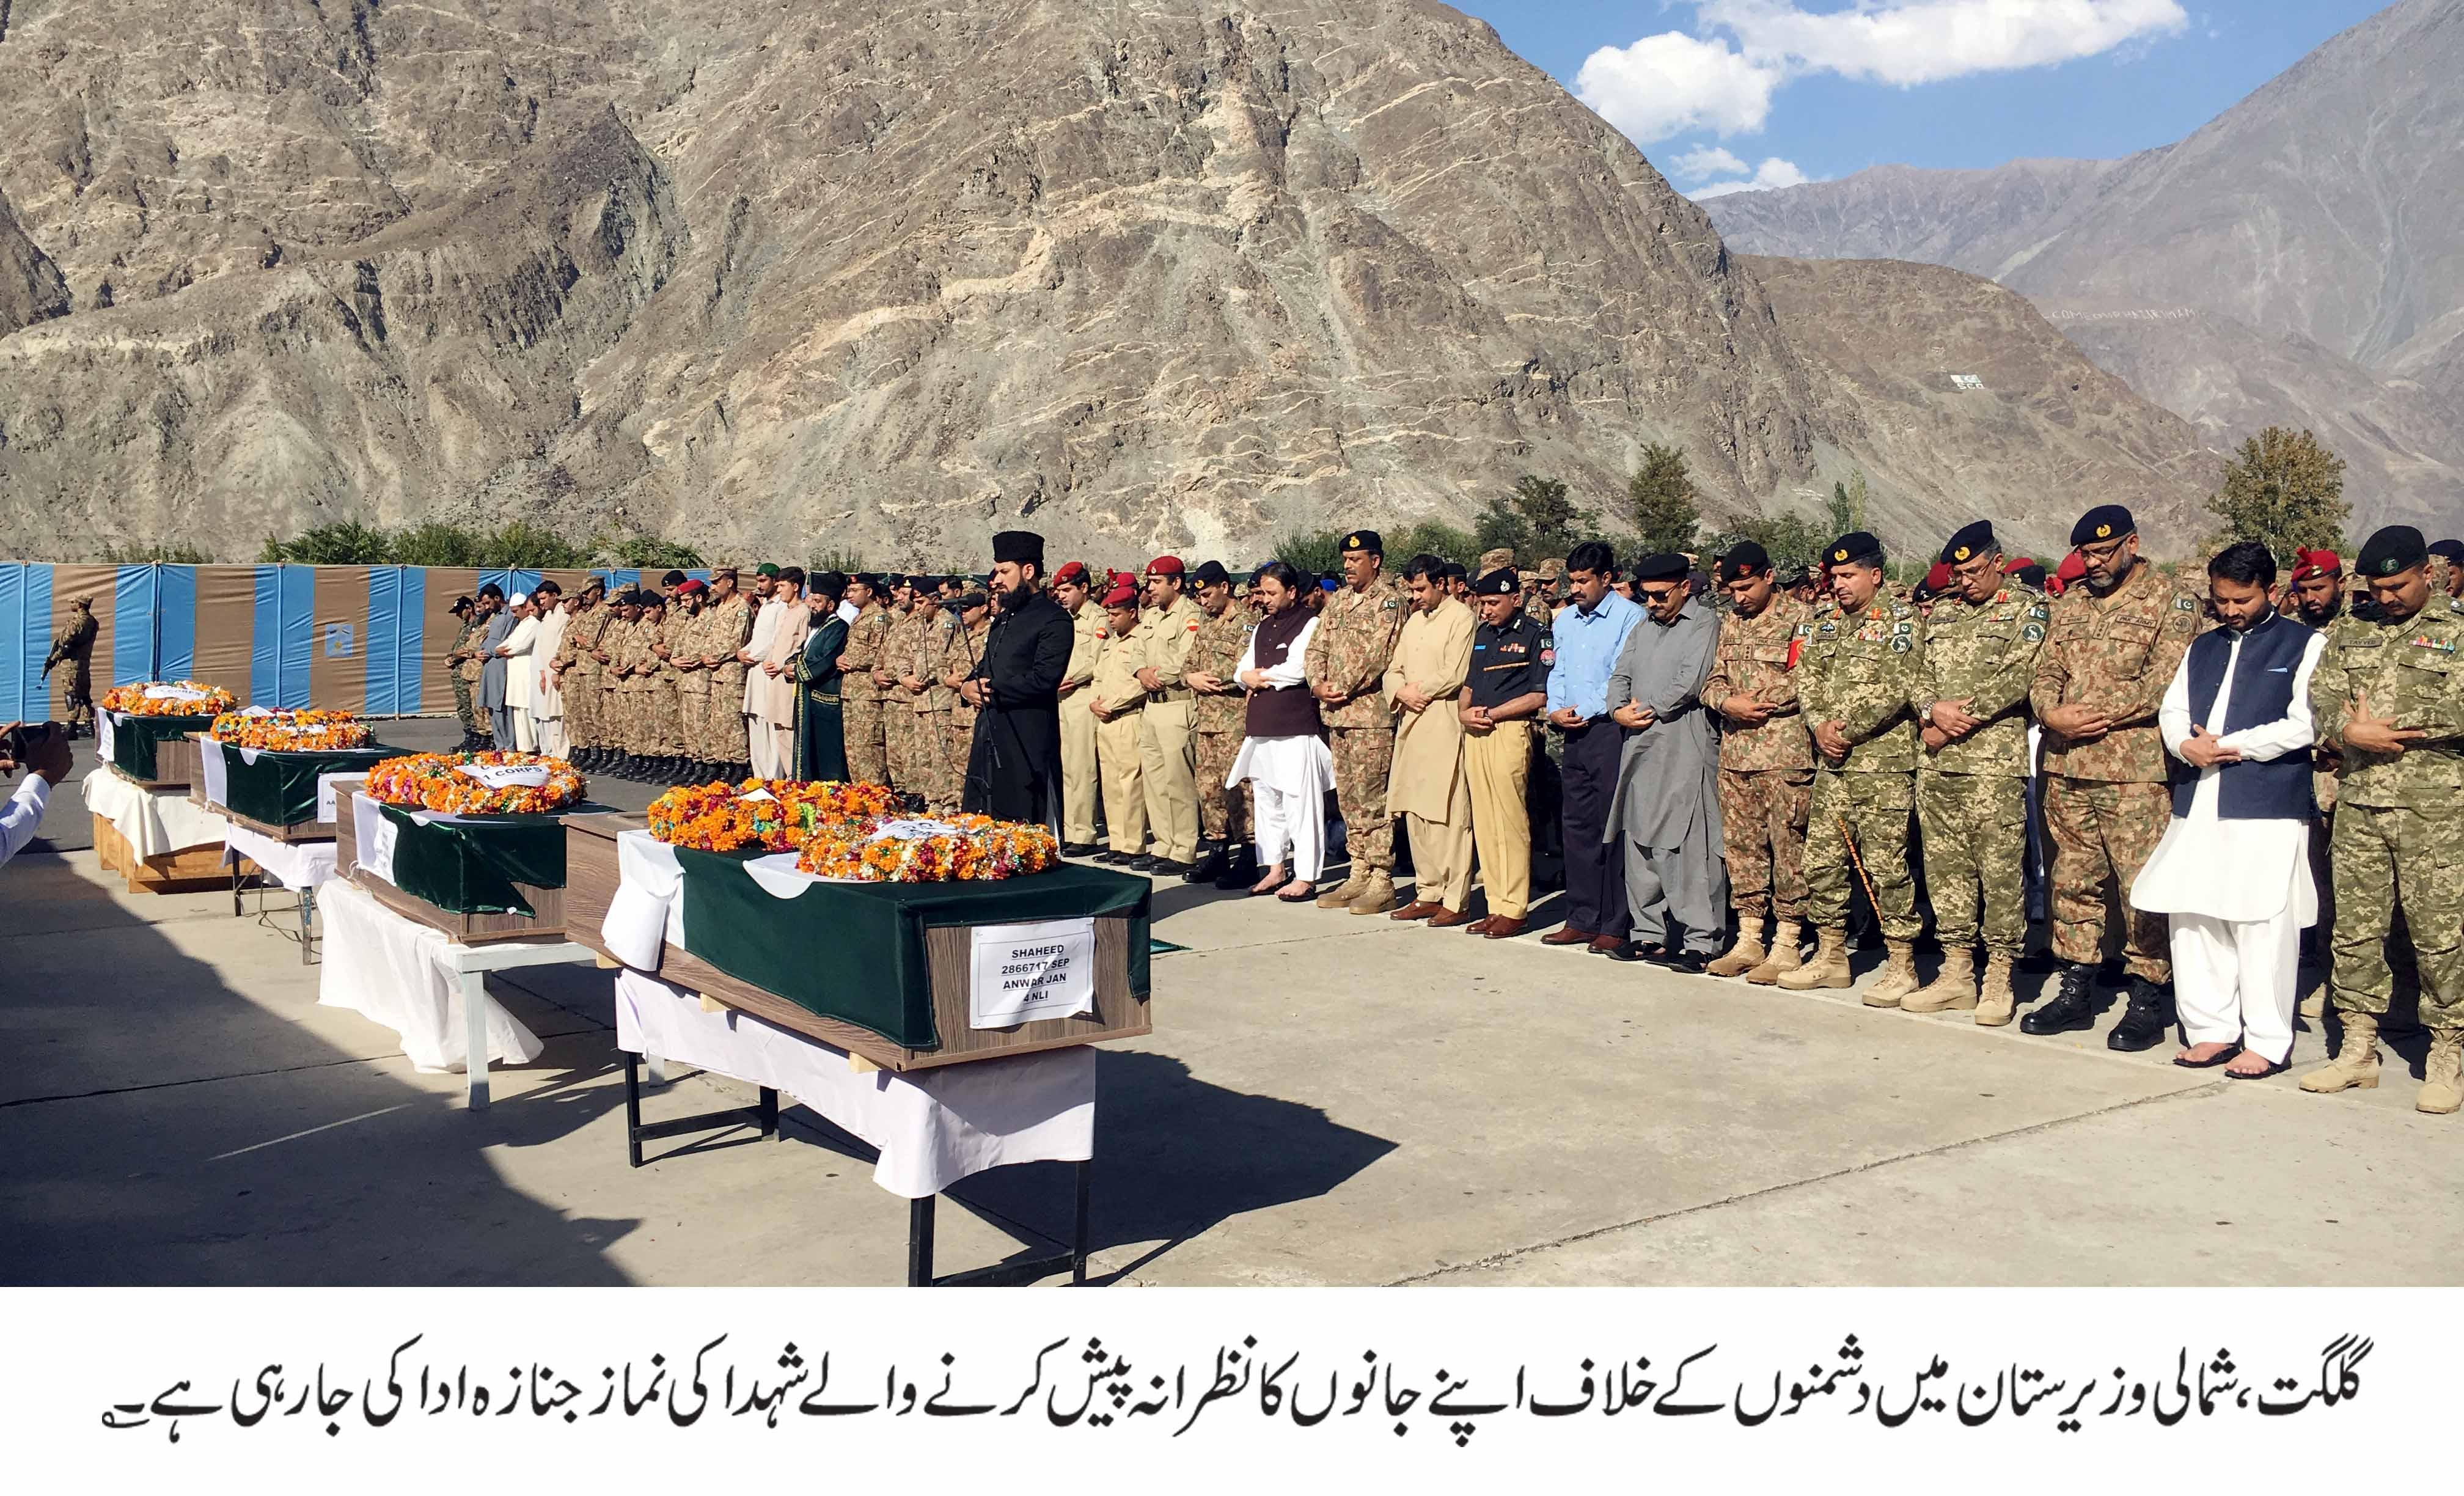 وزیرستان میںشہید ہونے والے پانچ نوجوان گلگت بلتستان میںسپرد خاک